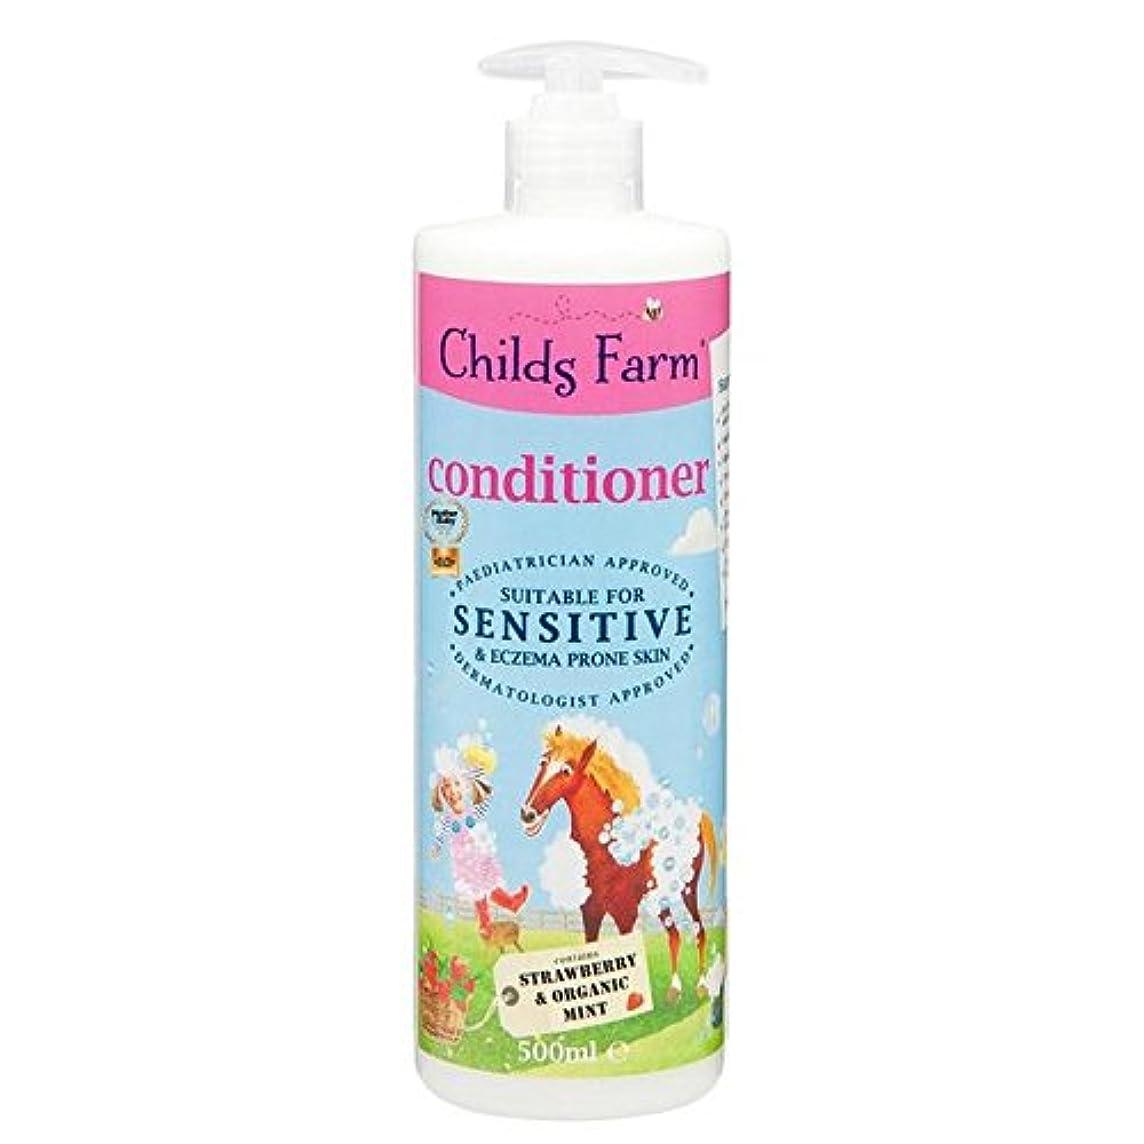 魔法転倒ライオンChilds Farm Conditioner for Unruly Hair 500ml (Pack of 6) - 手に負えない髪の500ミリリットルのためのチャイルズファームコンディショナー x6 [並行輸入品]